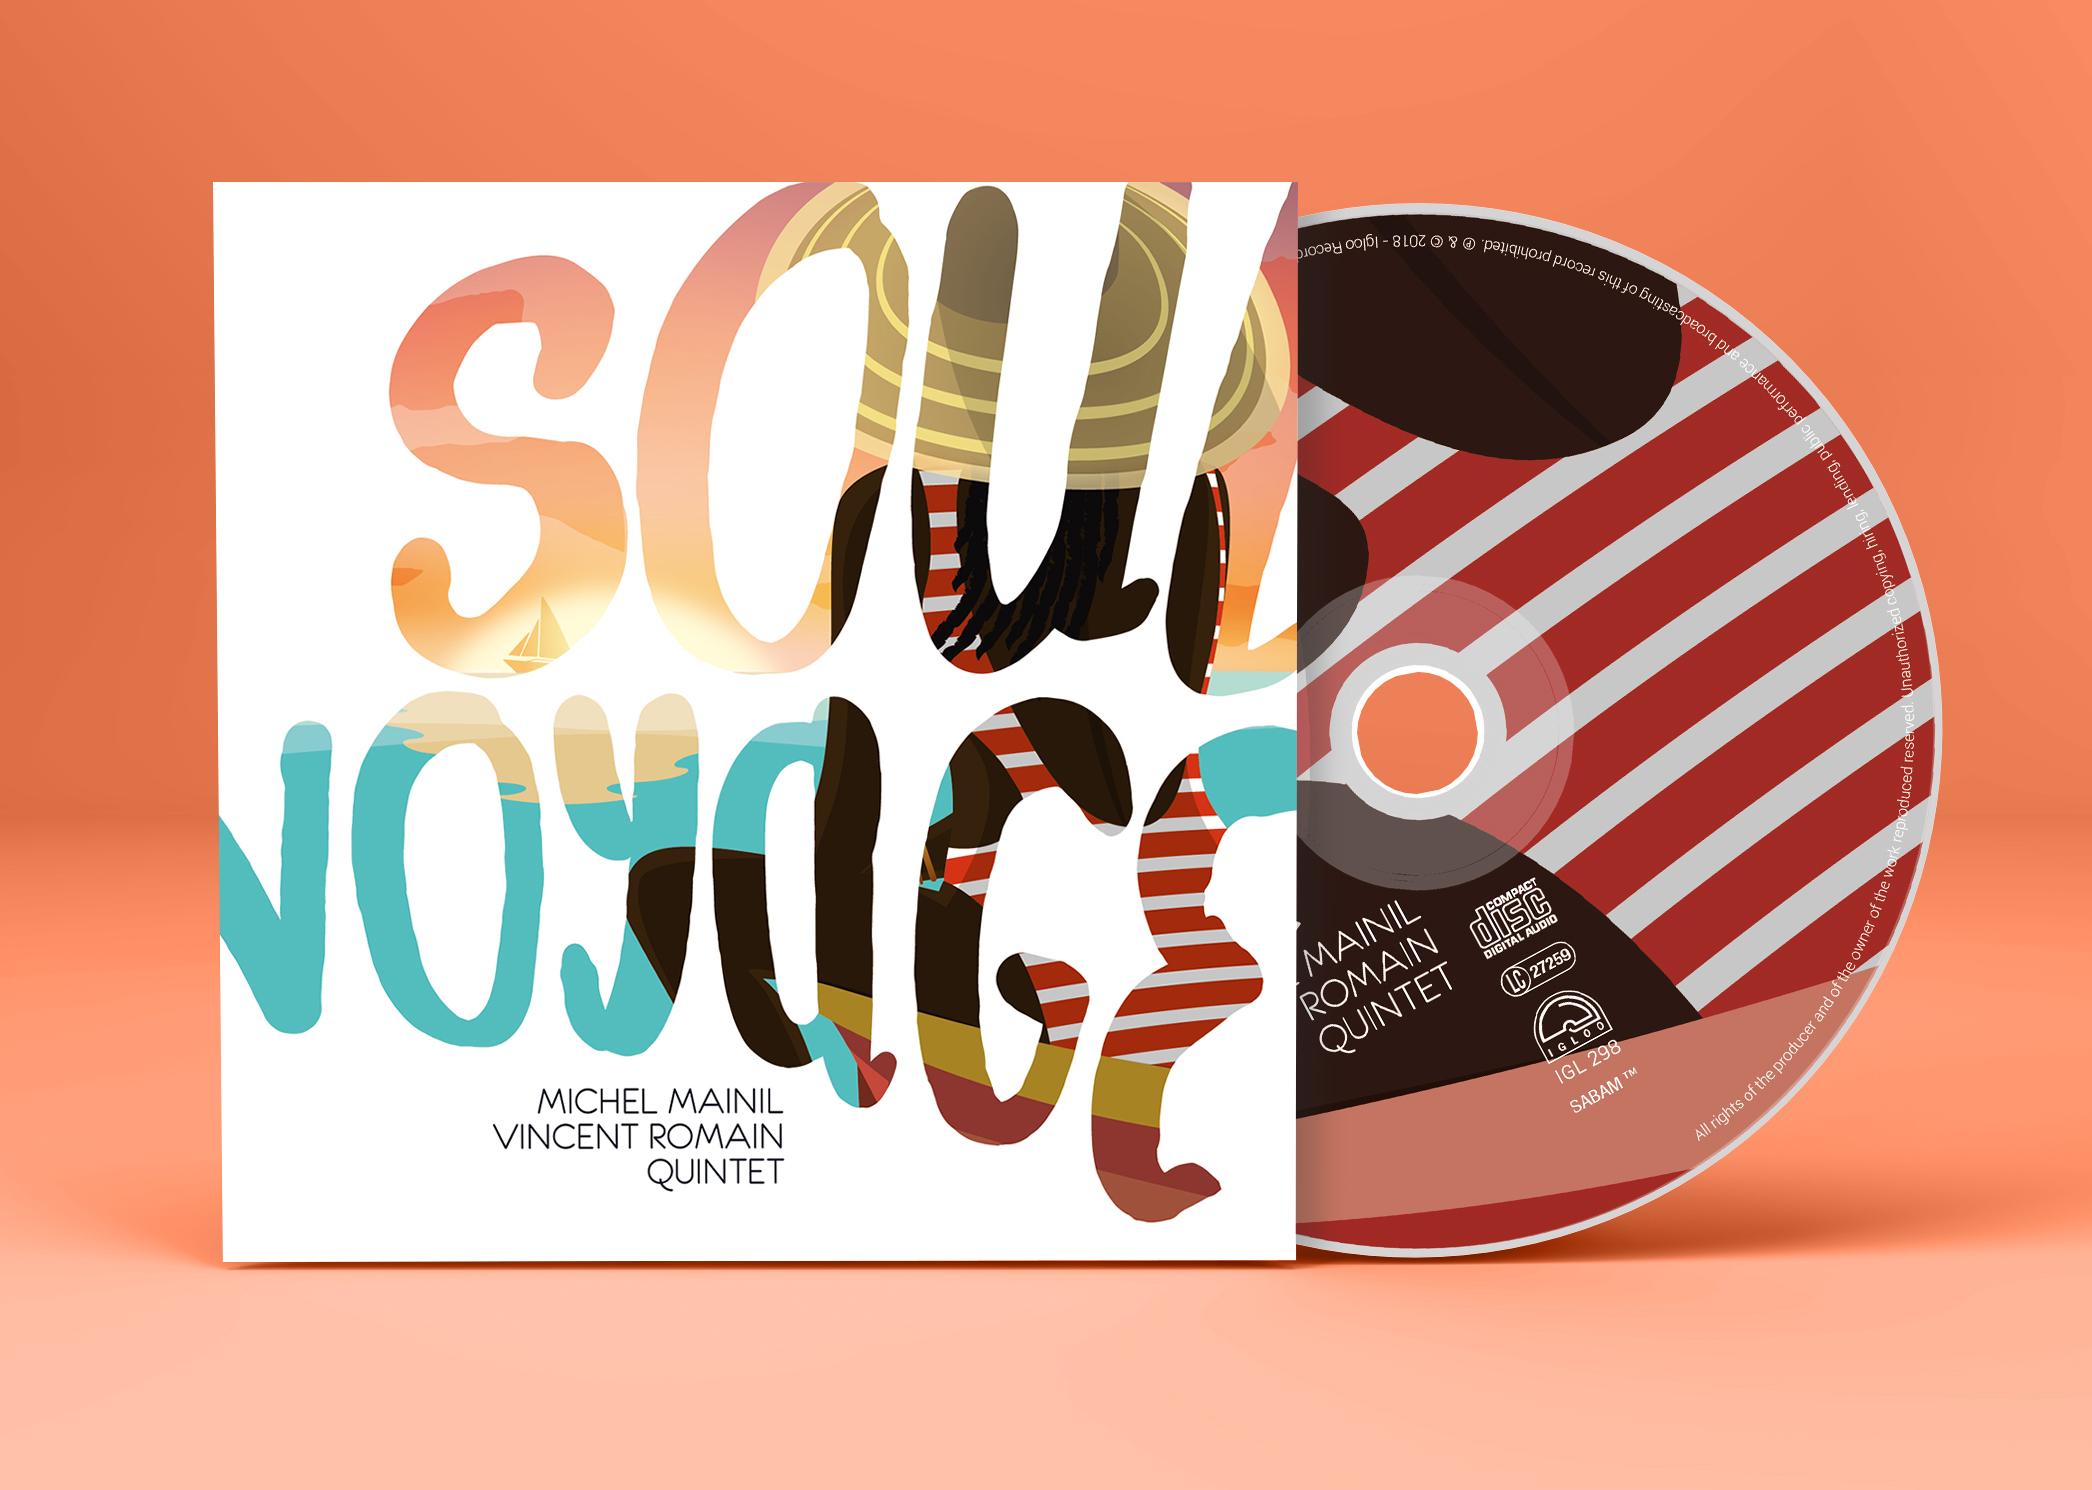 Soul Voyage - Michel Mainil 5tet